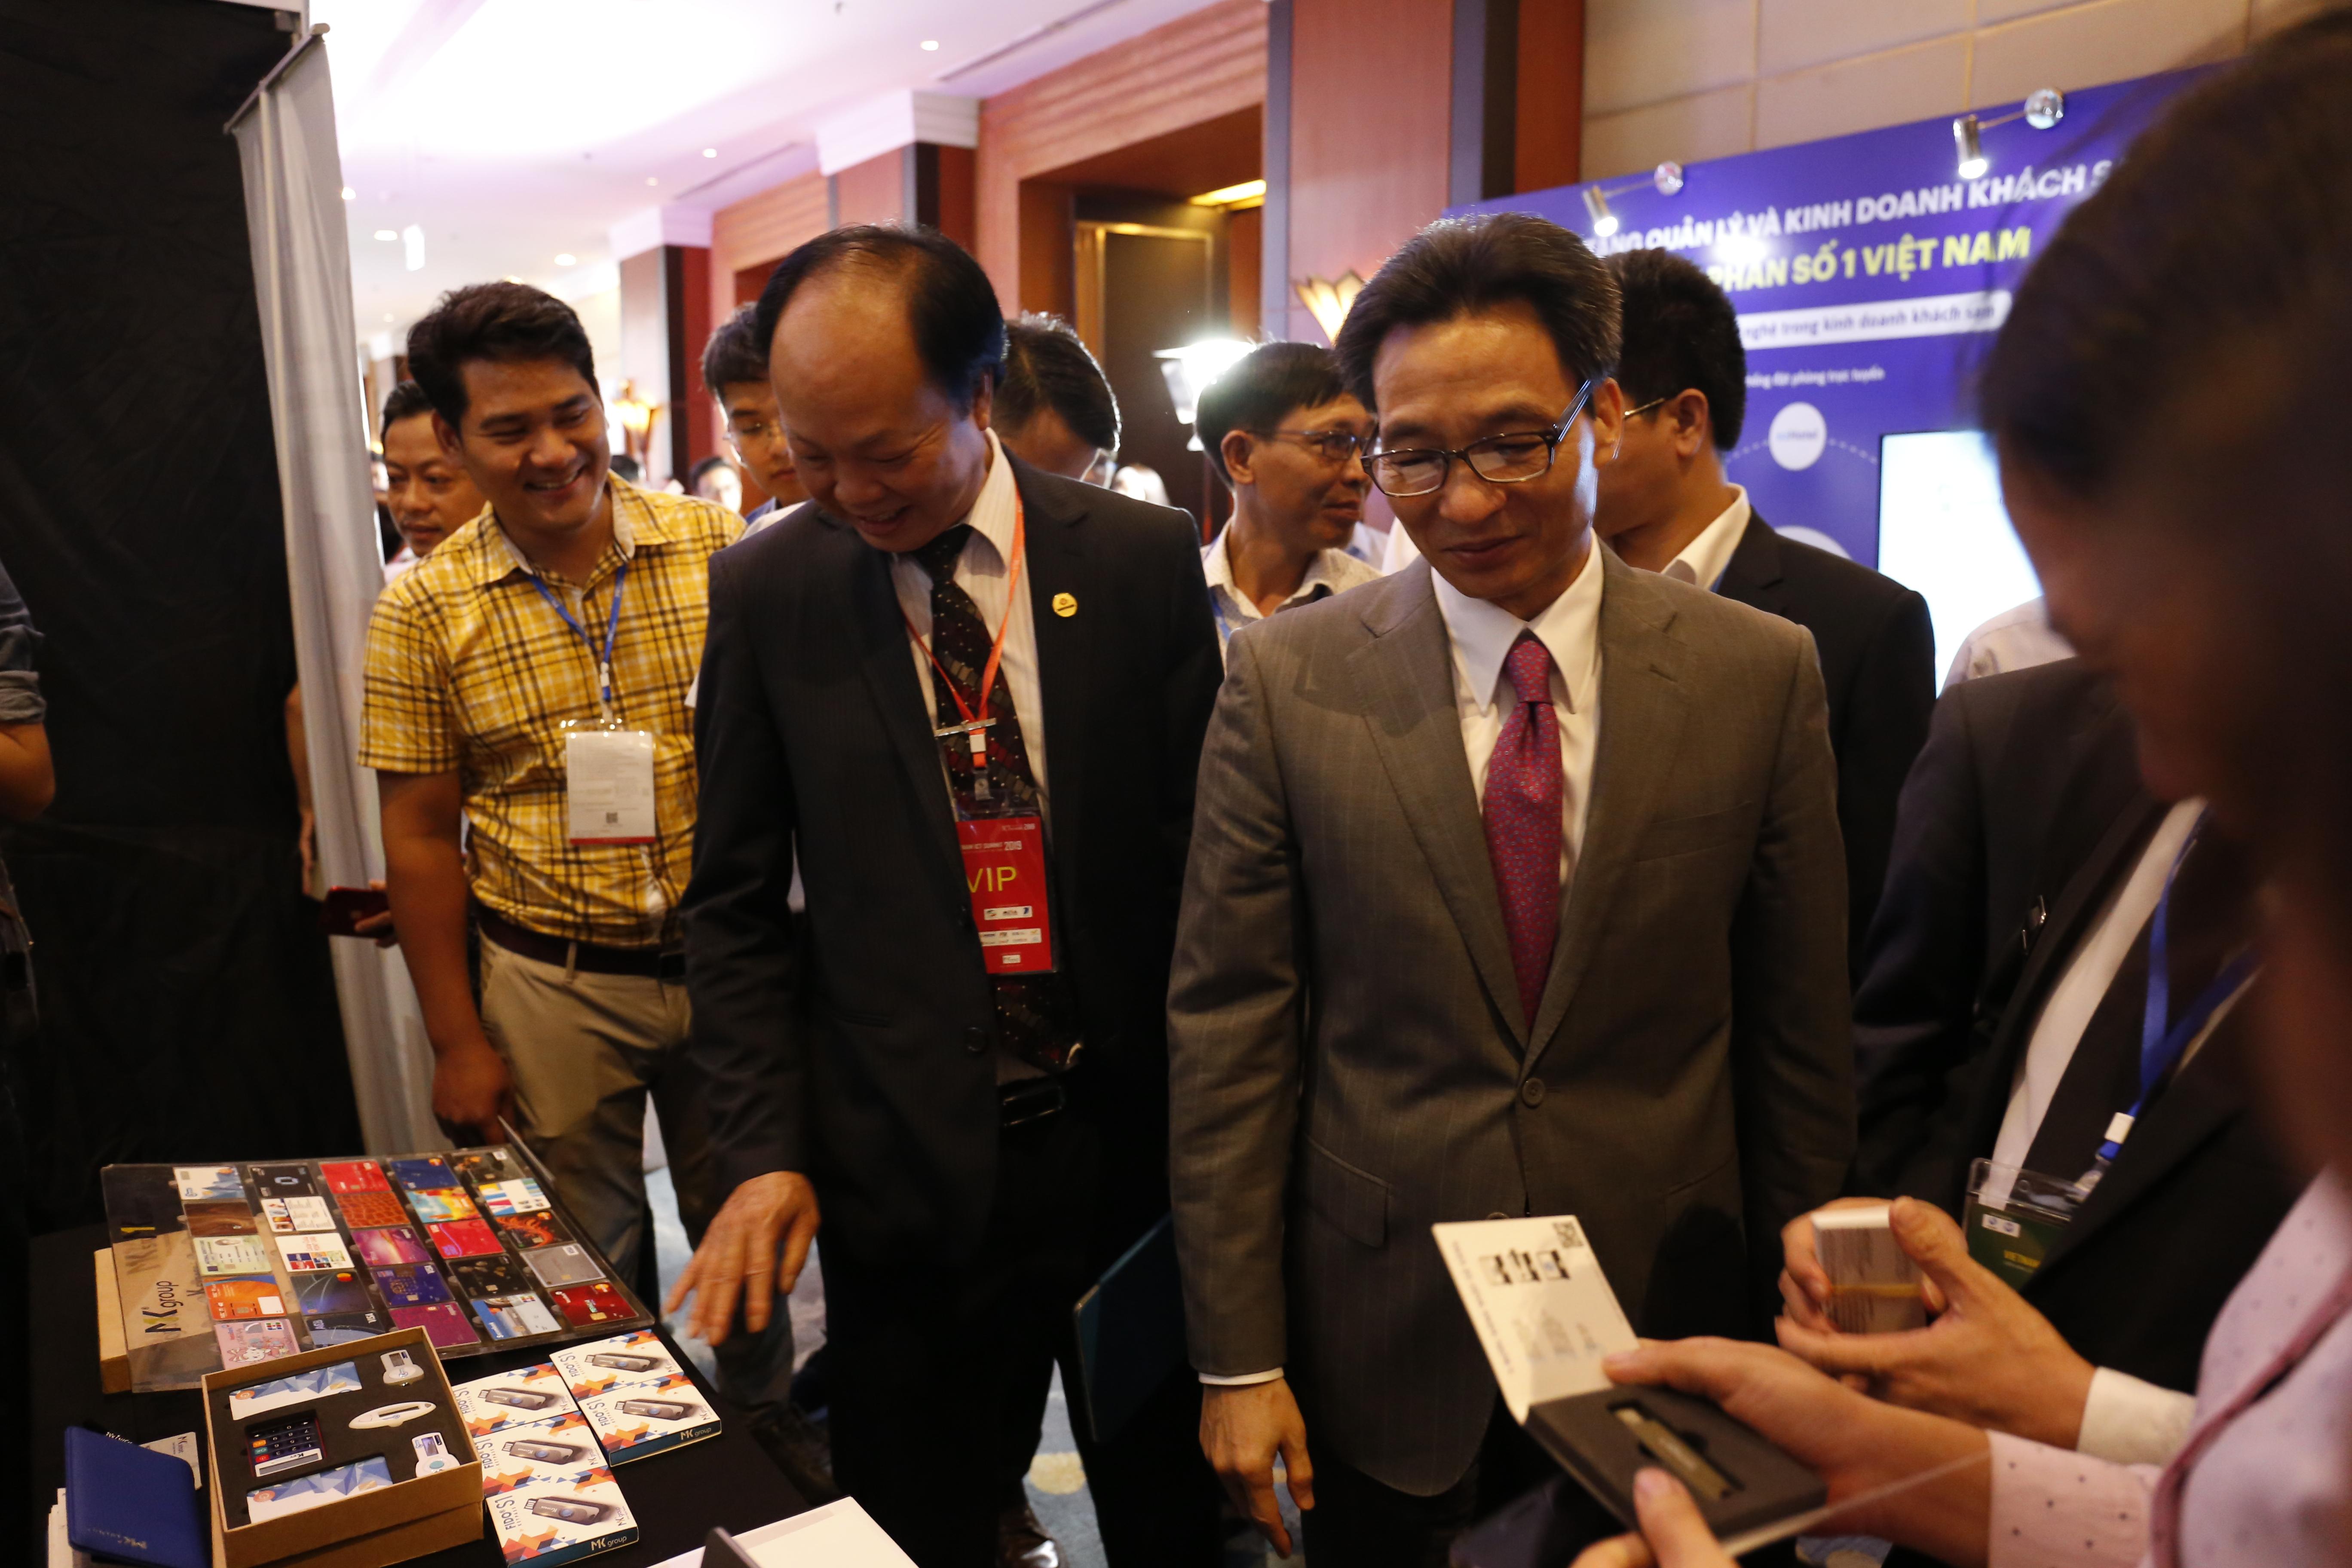 Phó Thủ tướng Võ Đức Đam tham quan các gian hàng triển lãm trong diễn đàn ICT Summit 2019 | Ảnh: Ngô Hà